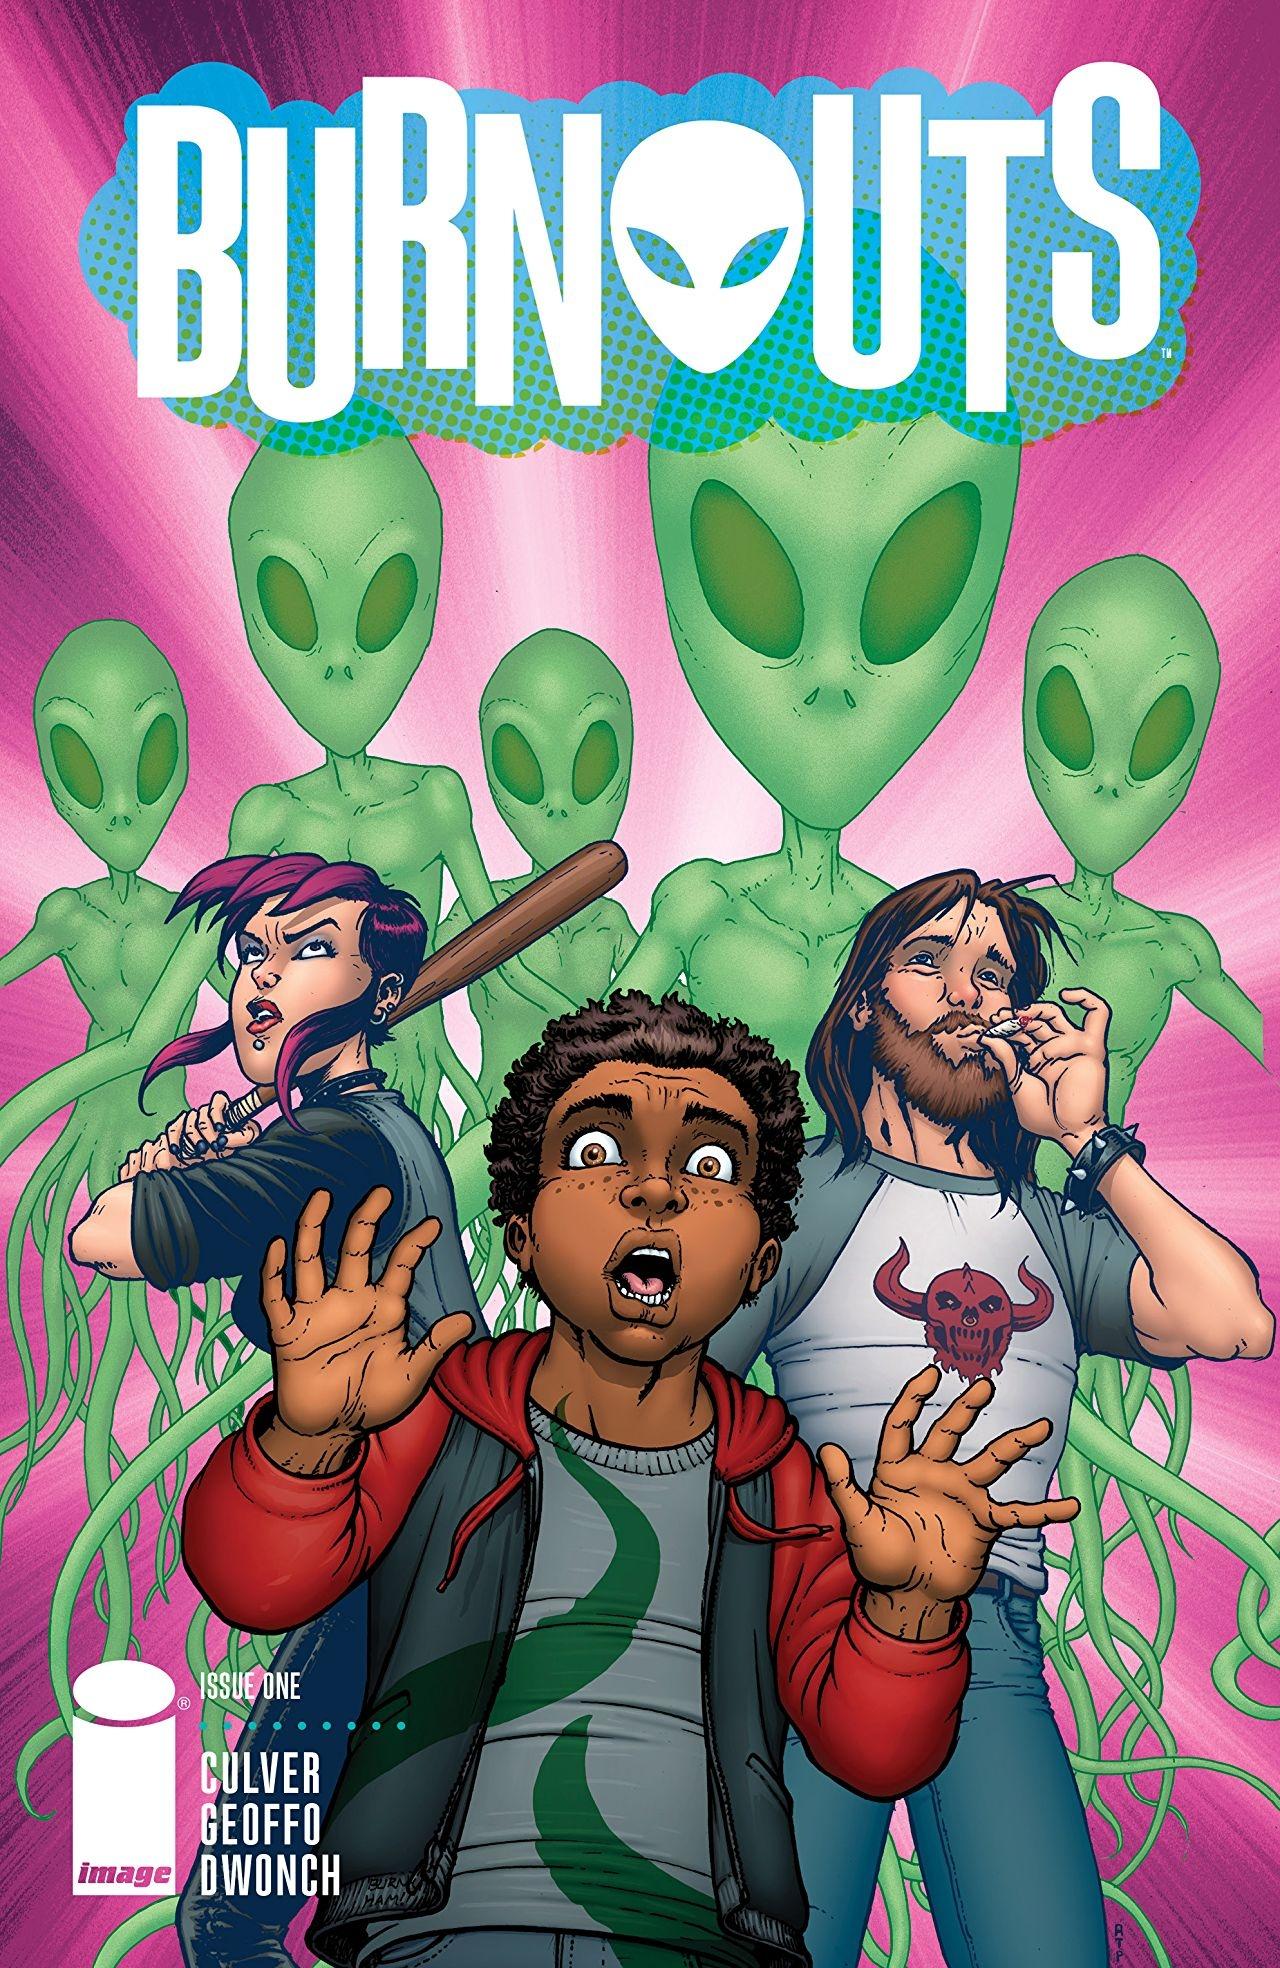 Burnouts Image Comics 2018 Writ - oosteven | ello